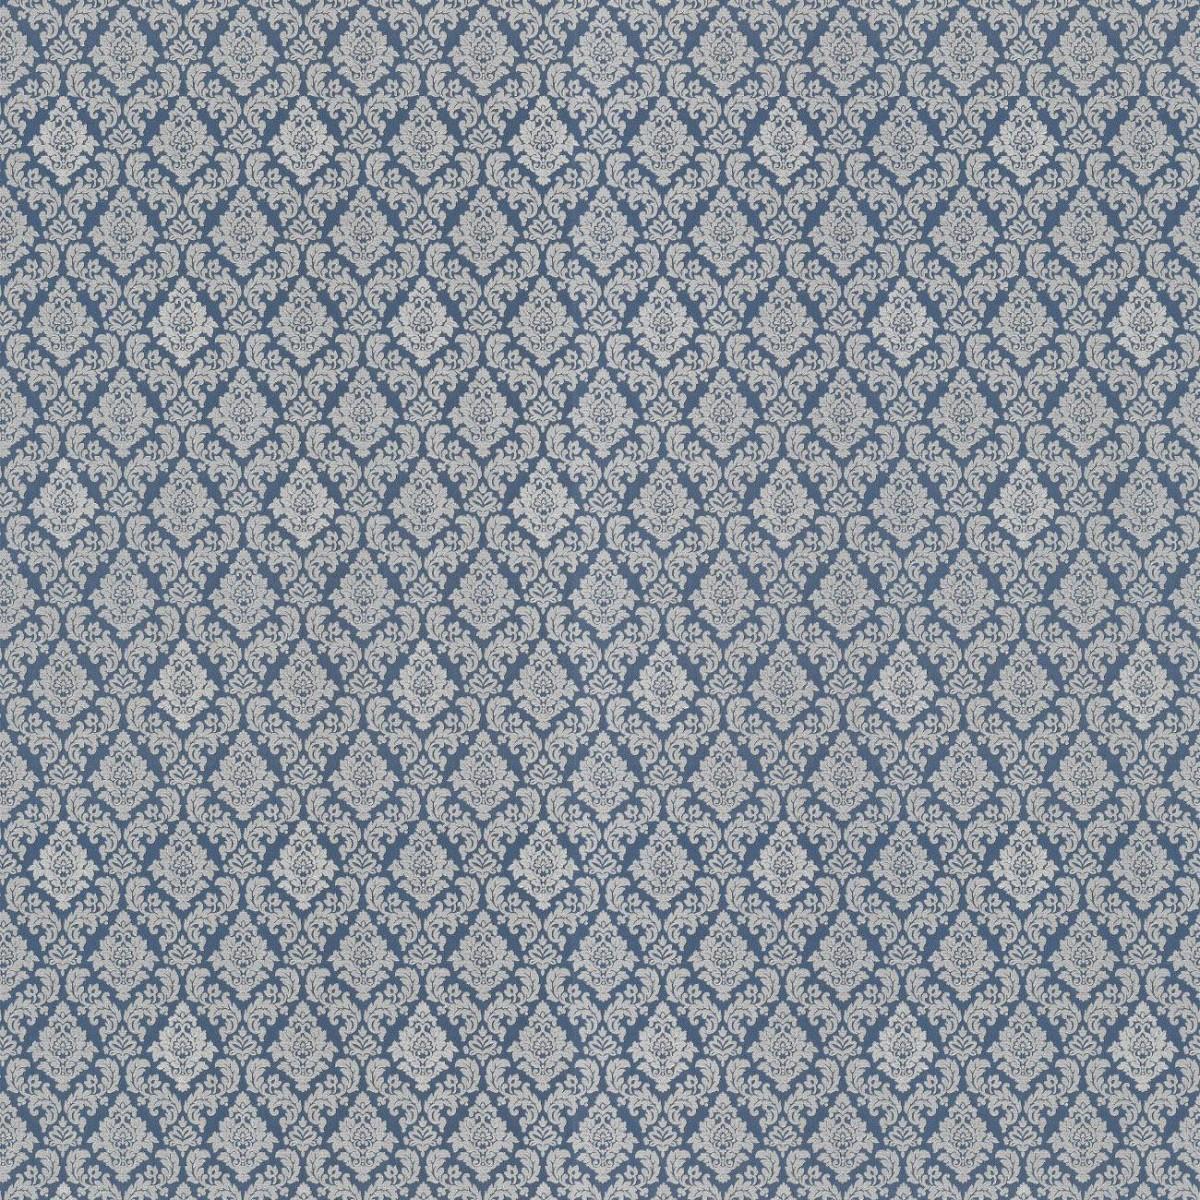 Обои флизелиновые Мир Авангард синие 1.06 м 45-218-09